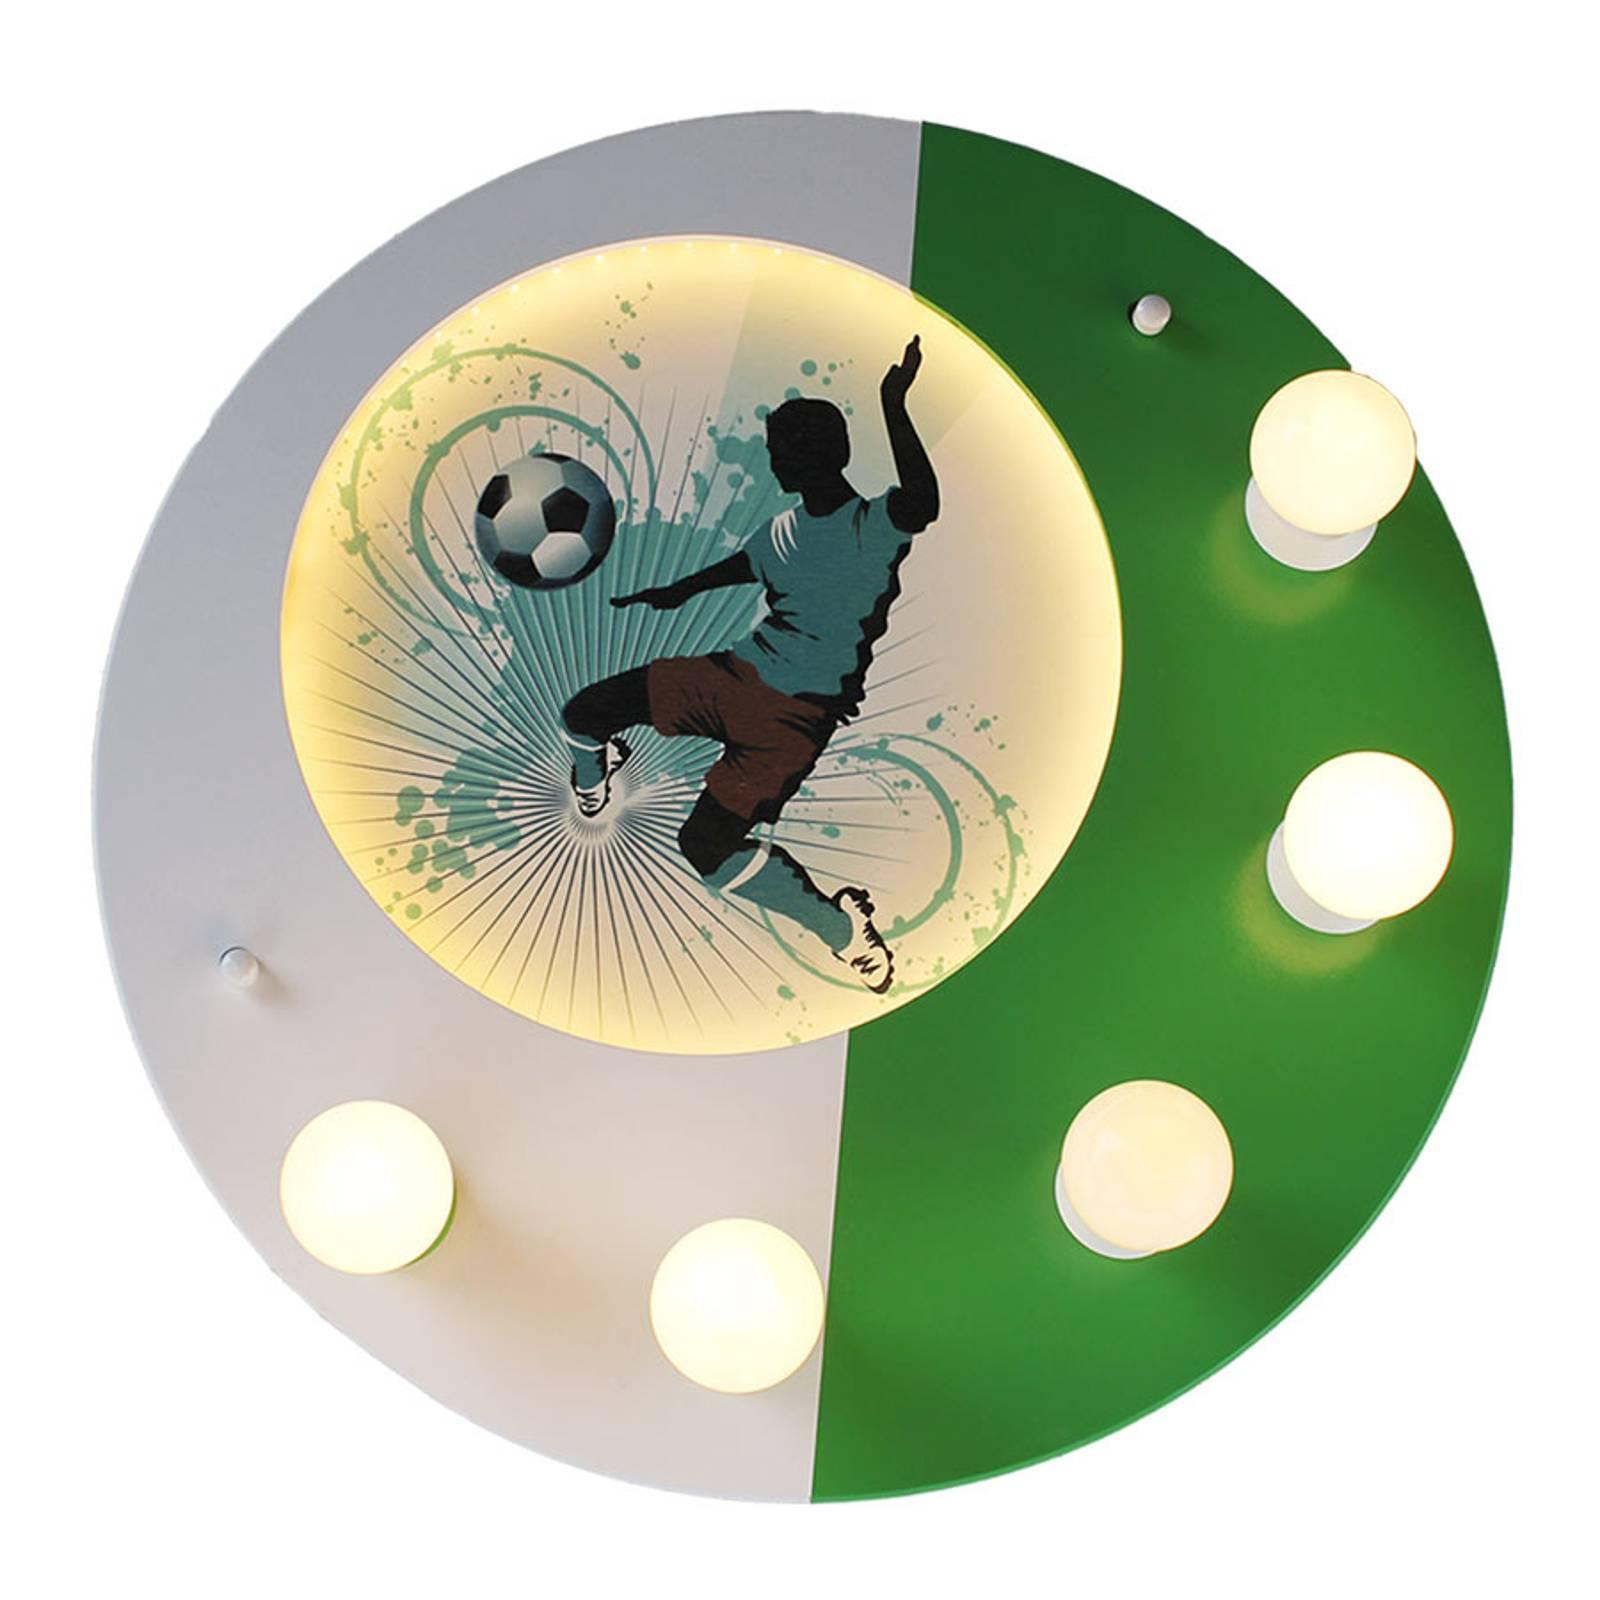 Kattovalaisin Soccer 5-lamppuinen vihreä-valkoinen